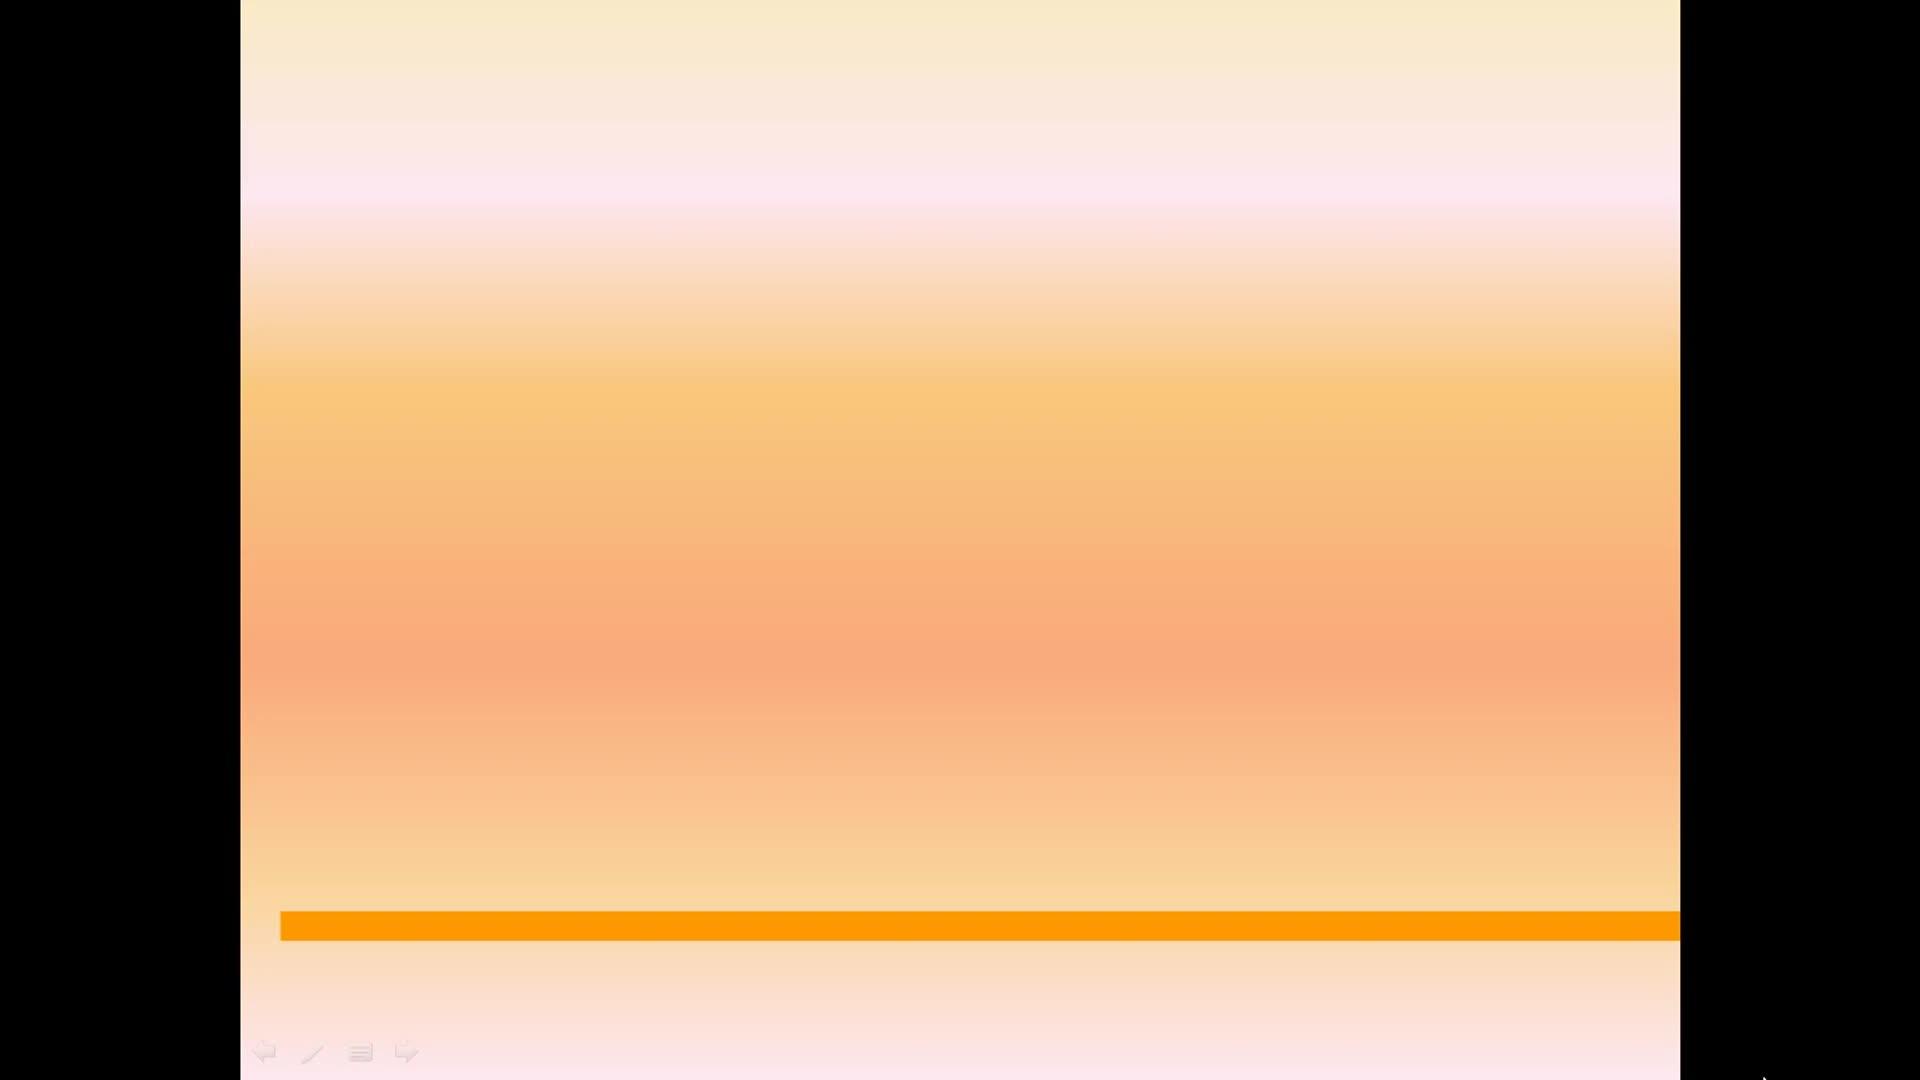 人教版 高二地理必修一 第二章 第三节《锋面类型—冷锋》-视频微课堂